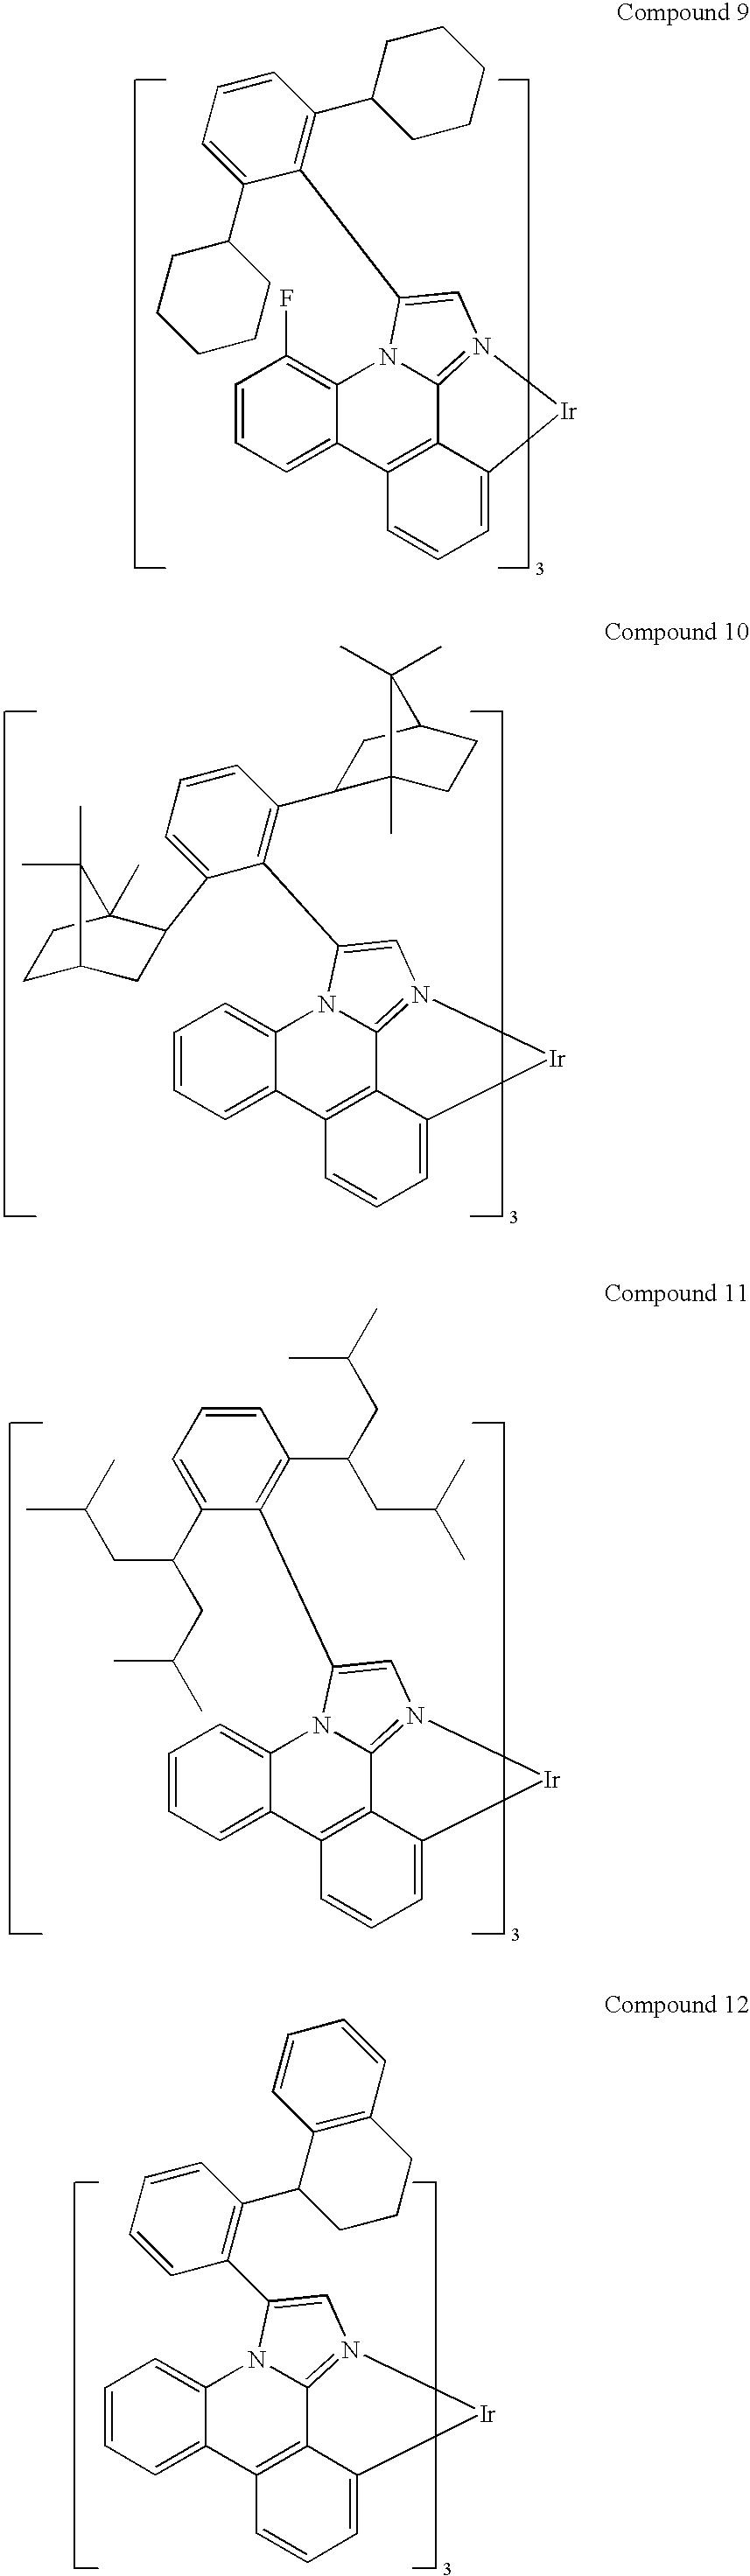 Figure US20100148663A1-20100617-C00164